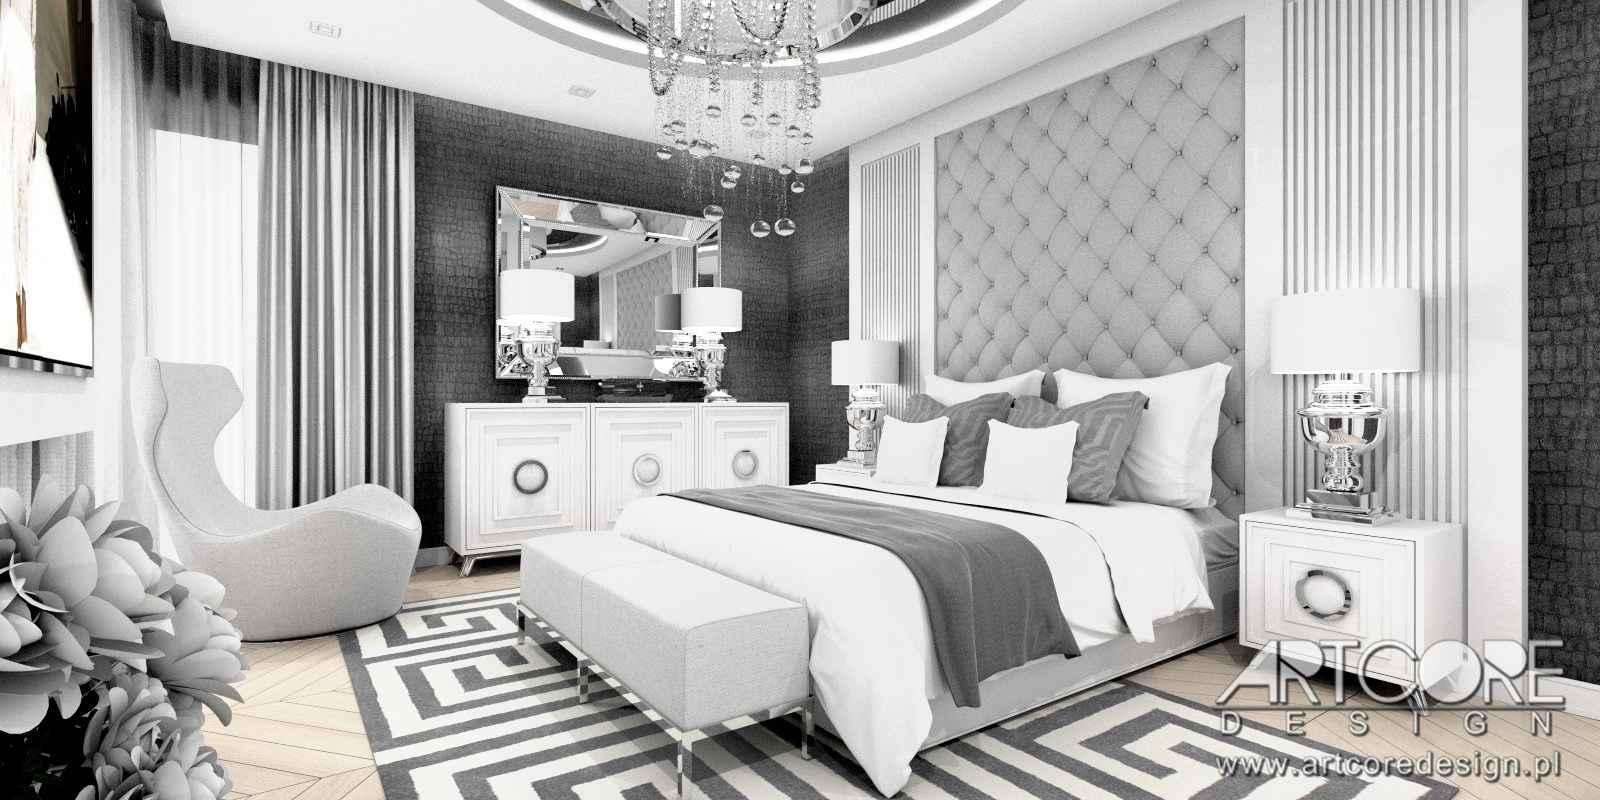 projektowanie wnętrz kraków luksusowa sypialnia